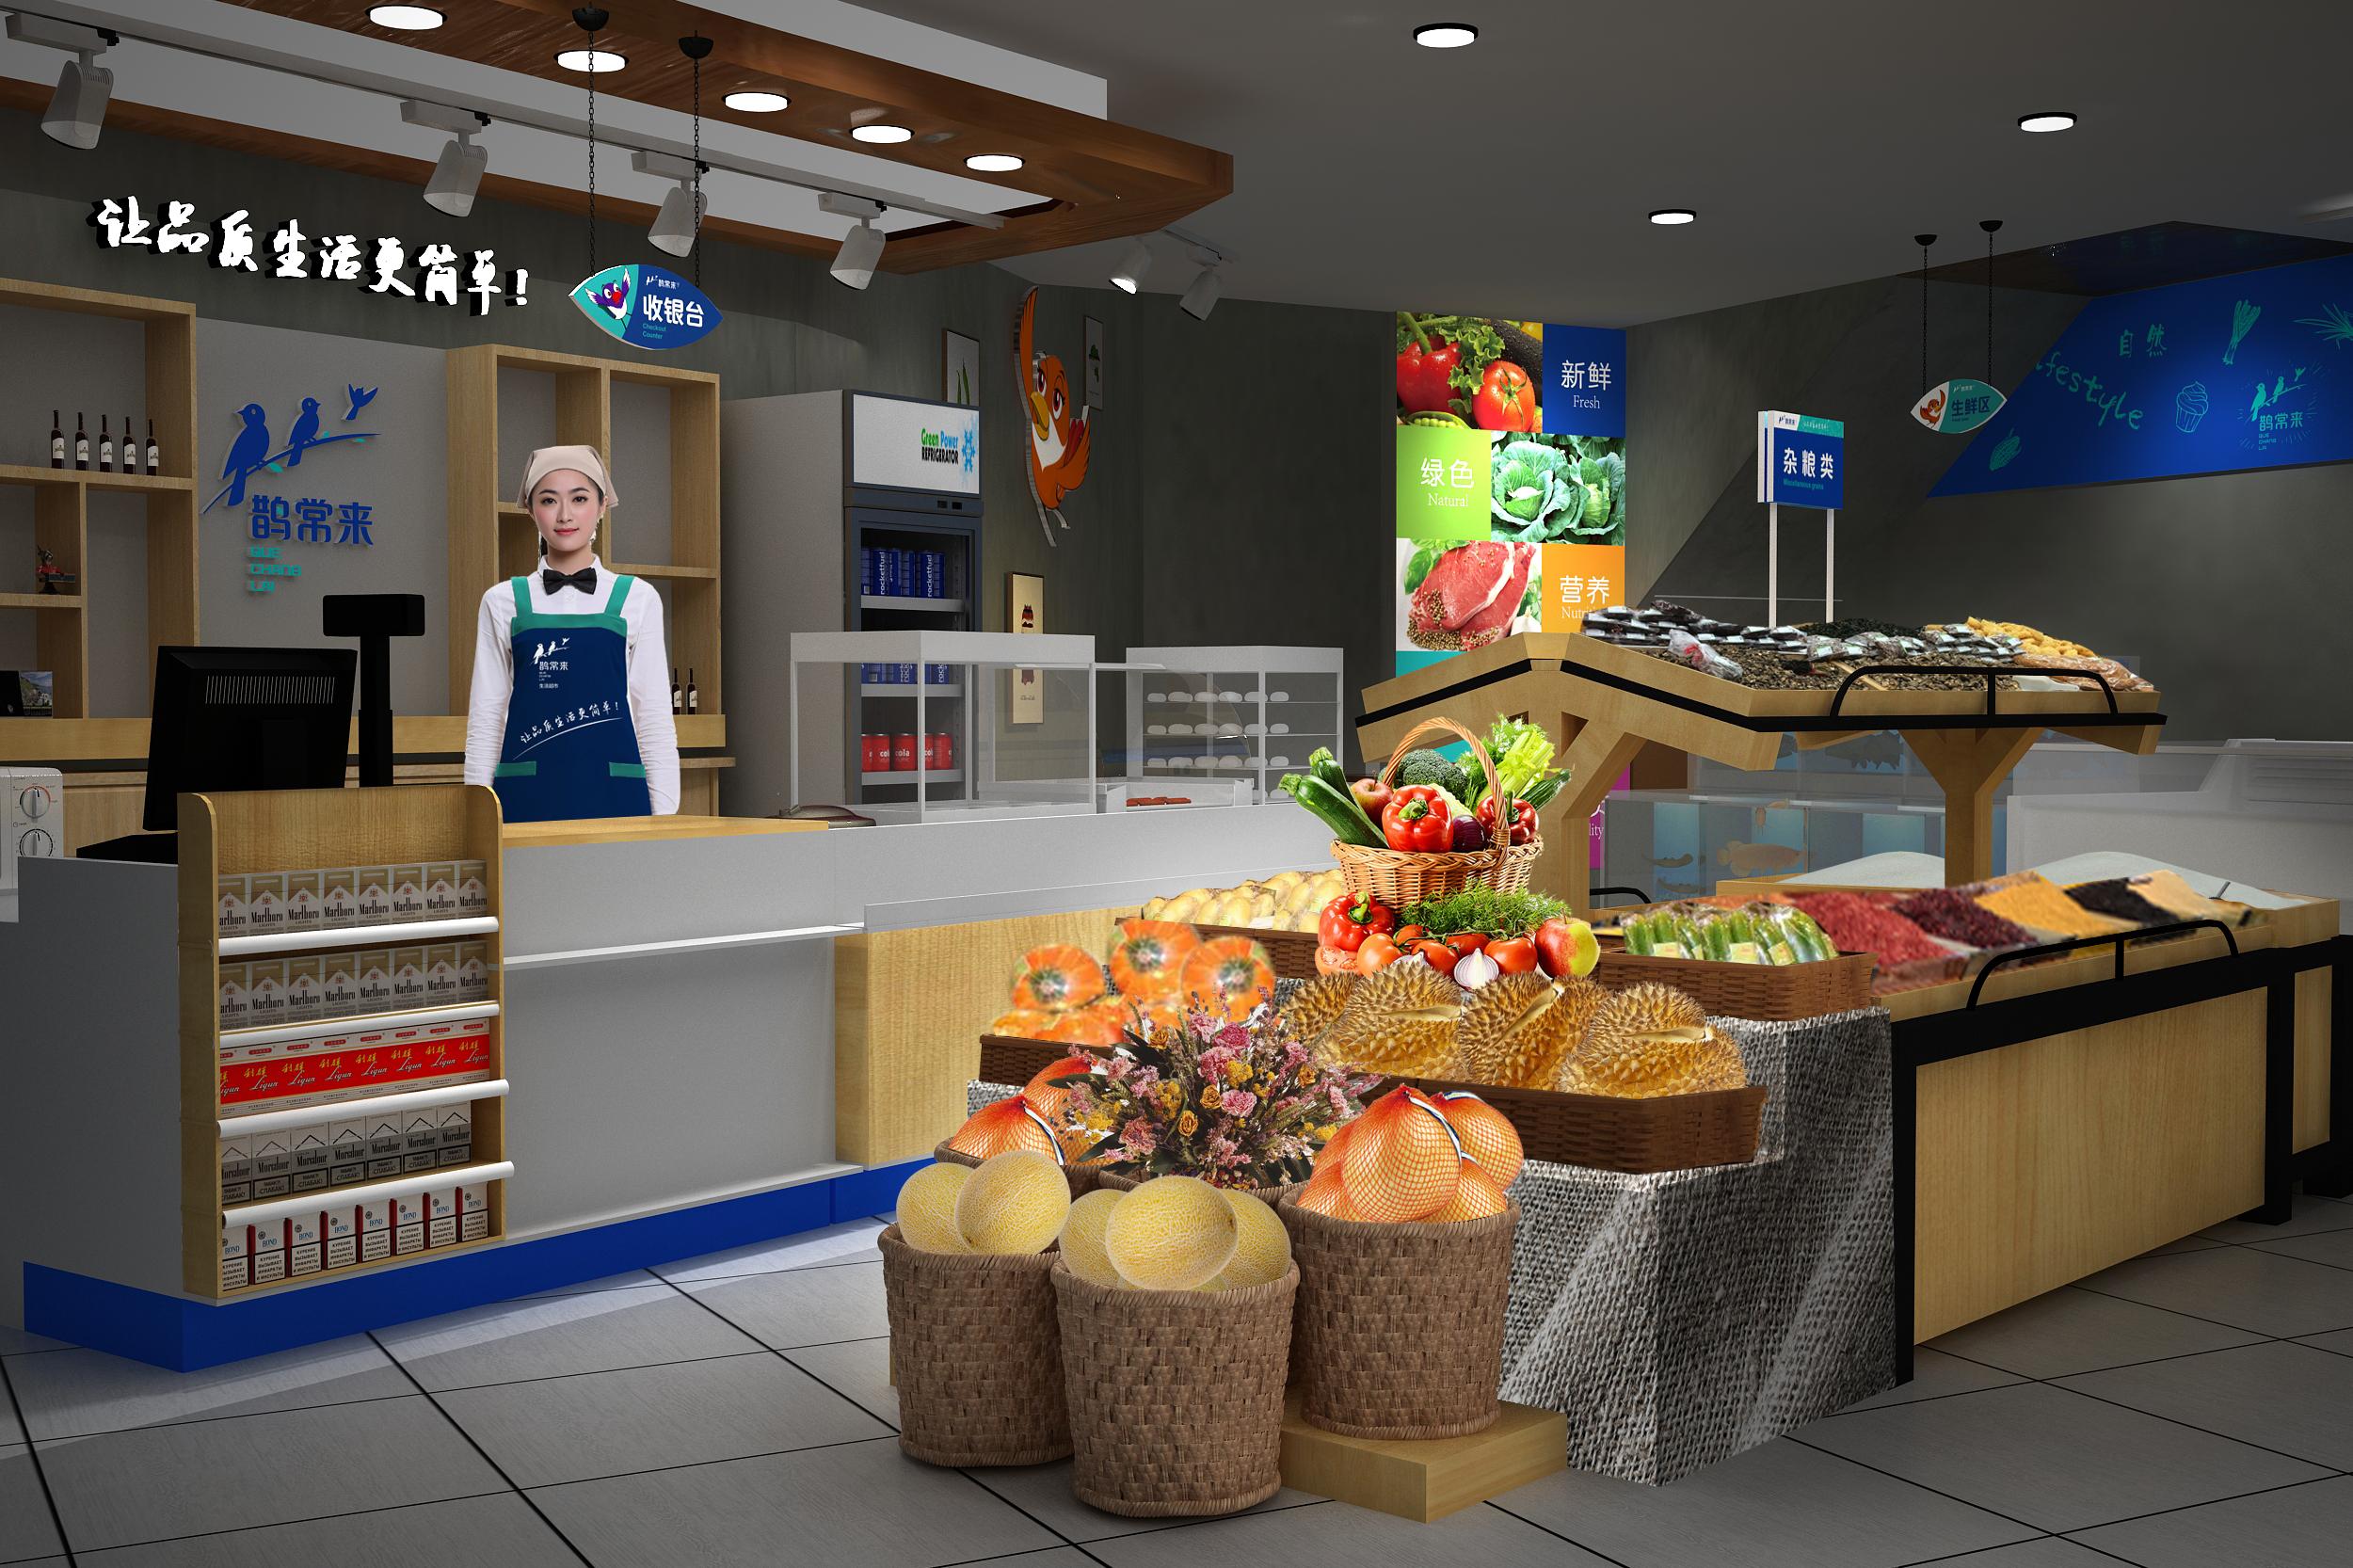 鹊常来生活超市全国连锁品牌策划设计